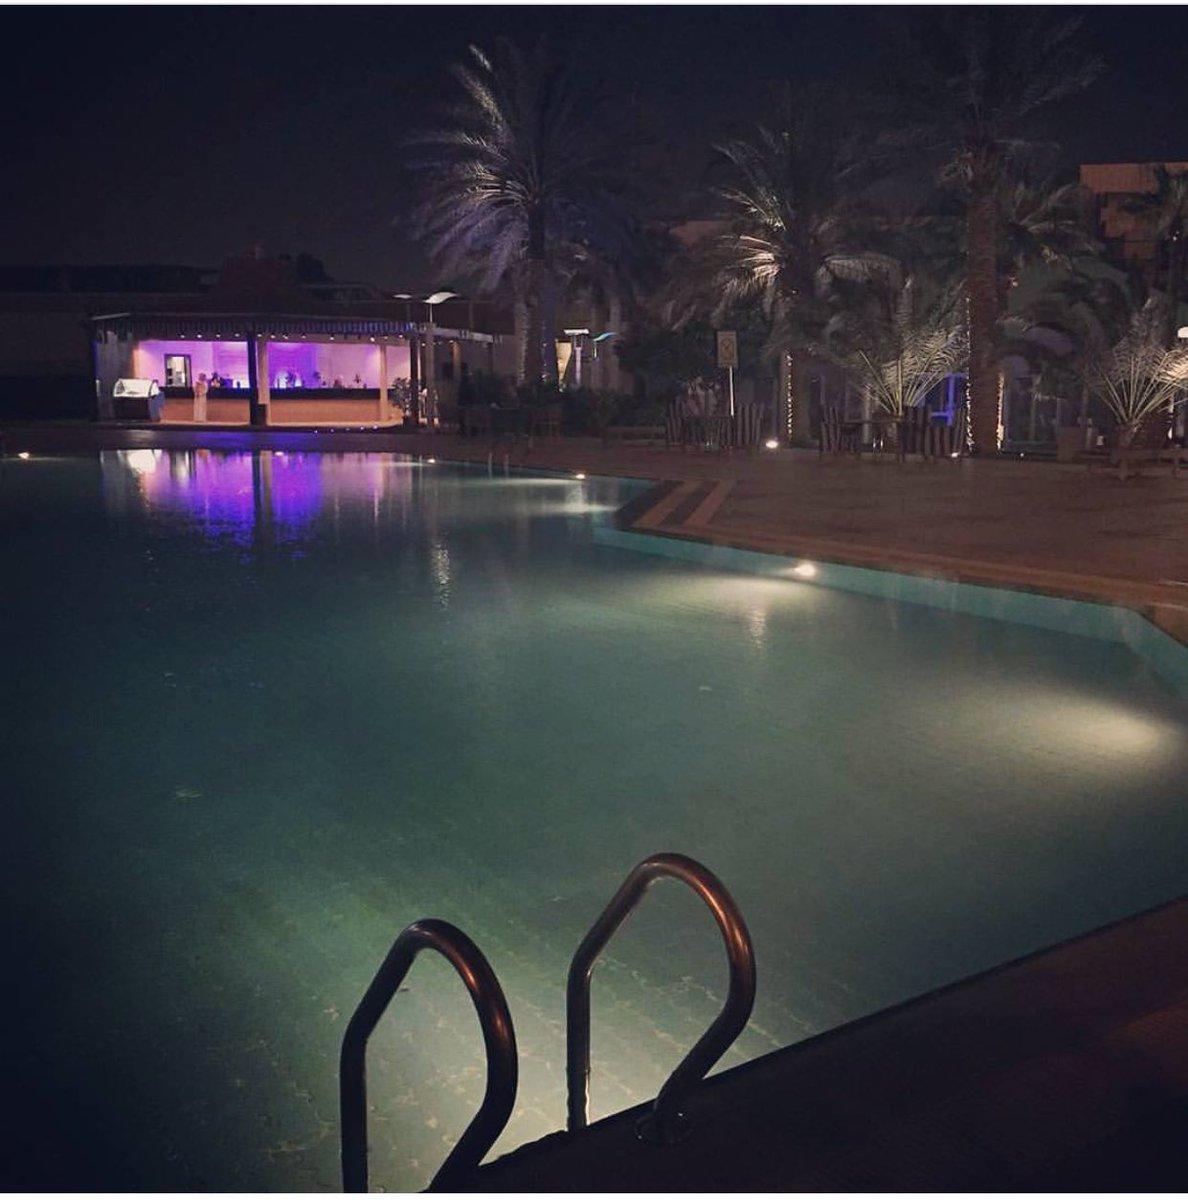 فنادق الشرقية On Twitter الجلسه على المسبح في فندق شيراتون الدمام فنادق الشرقية الرياض الخبر الاحساء